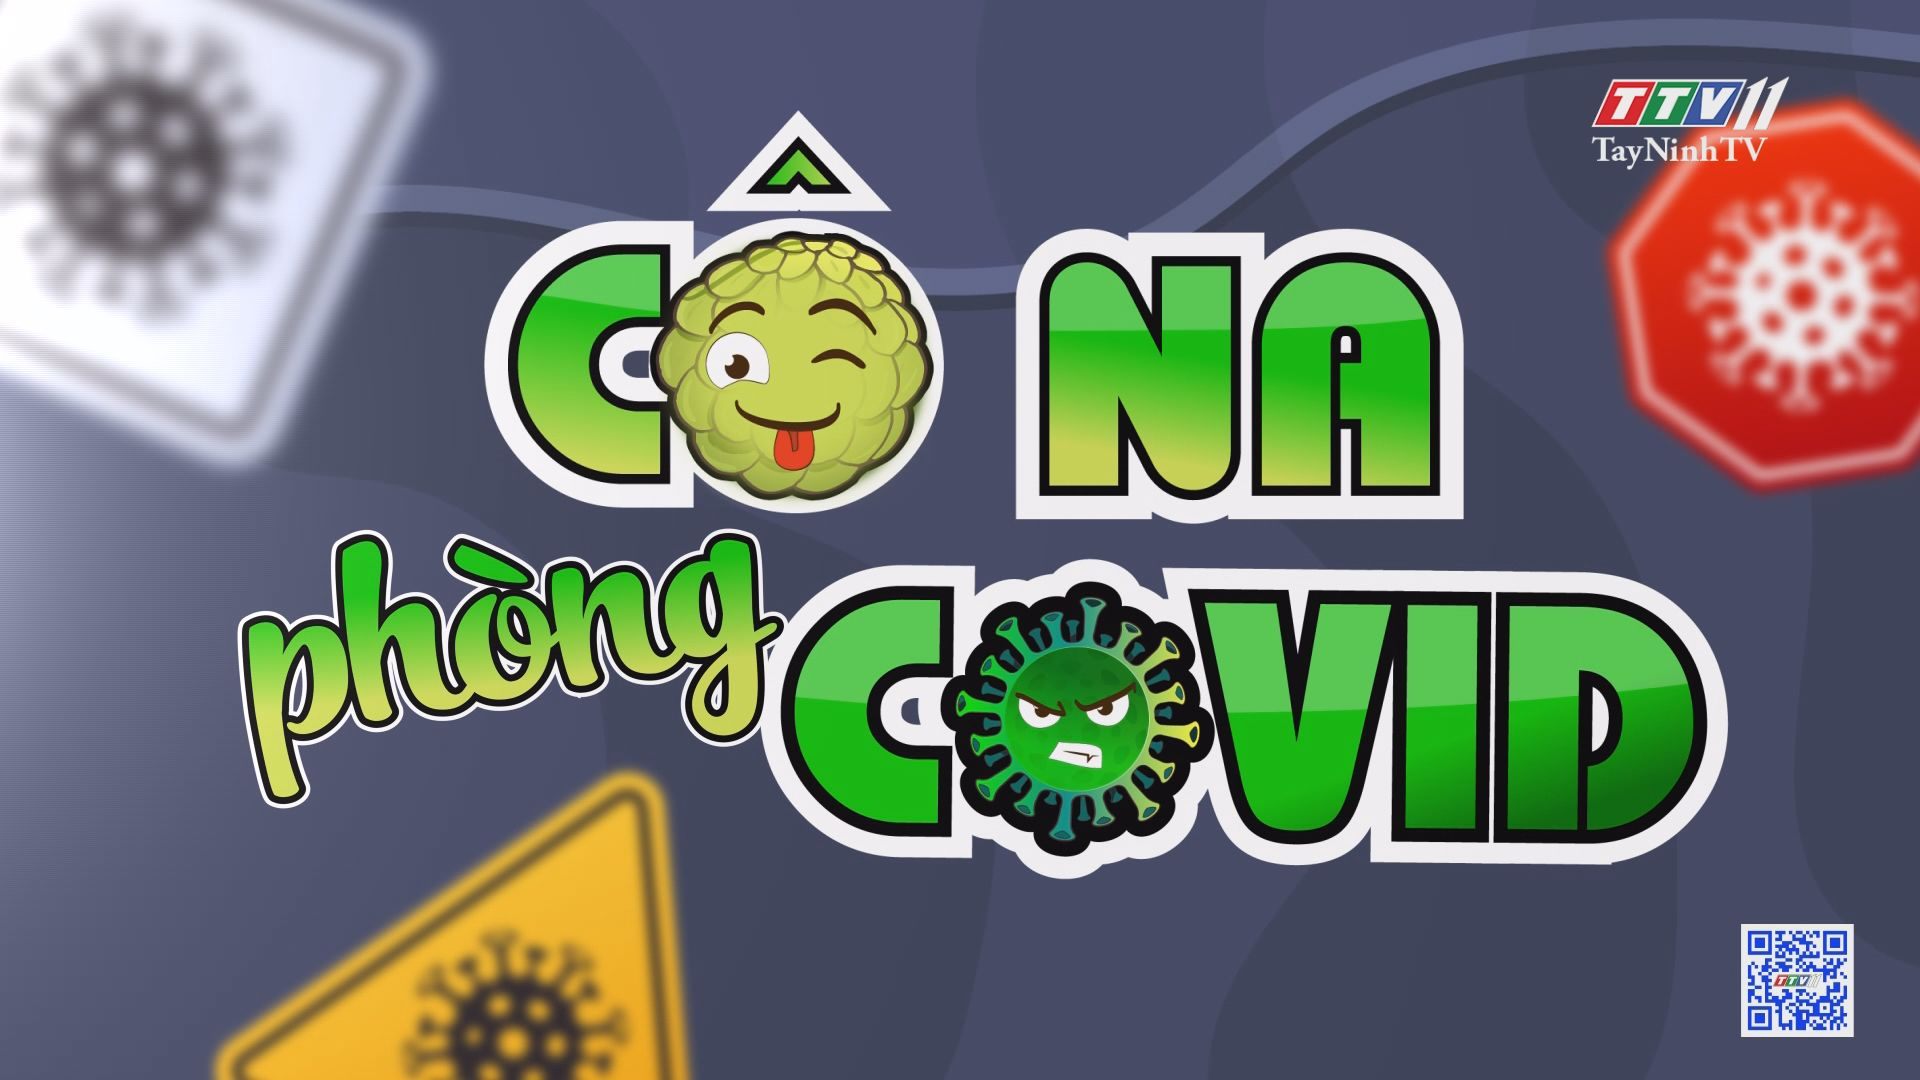 Cona phòng Covid | KHOA HỌC, CÔNG NGHỆ VÀ ĐỜI SỐNG | TayNinhTV